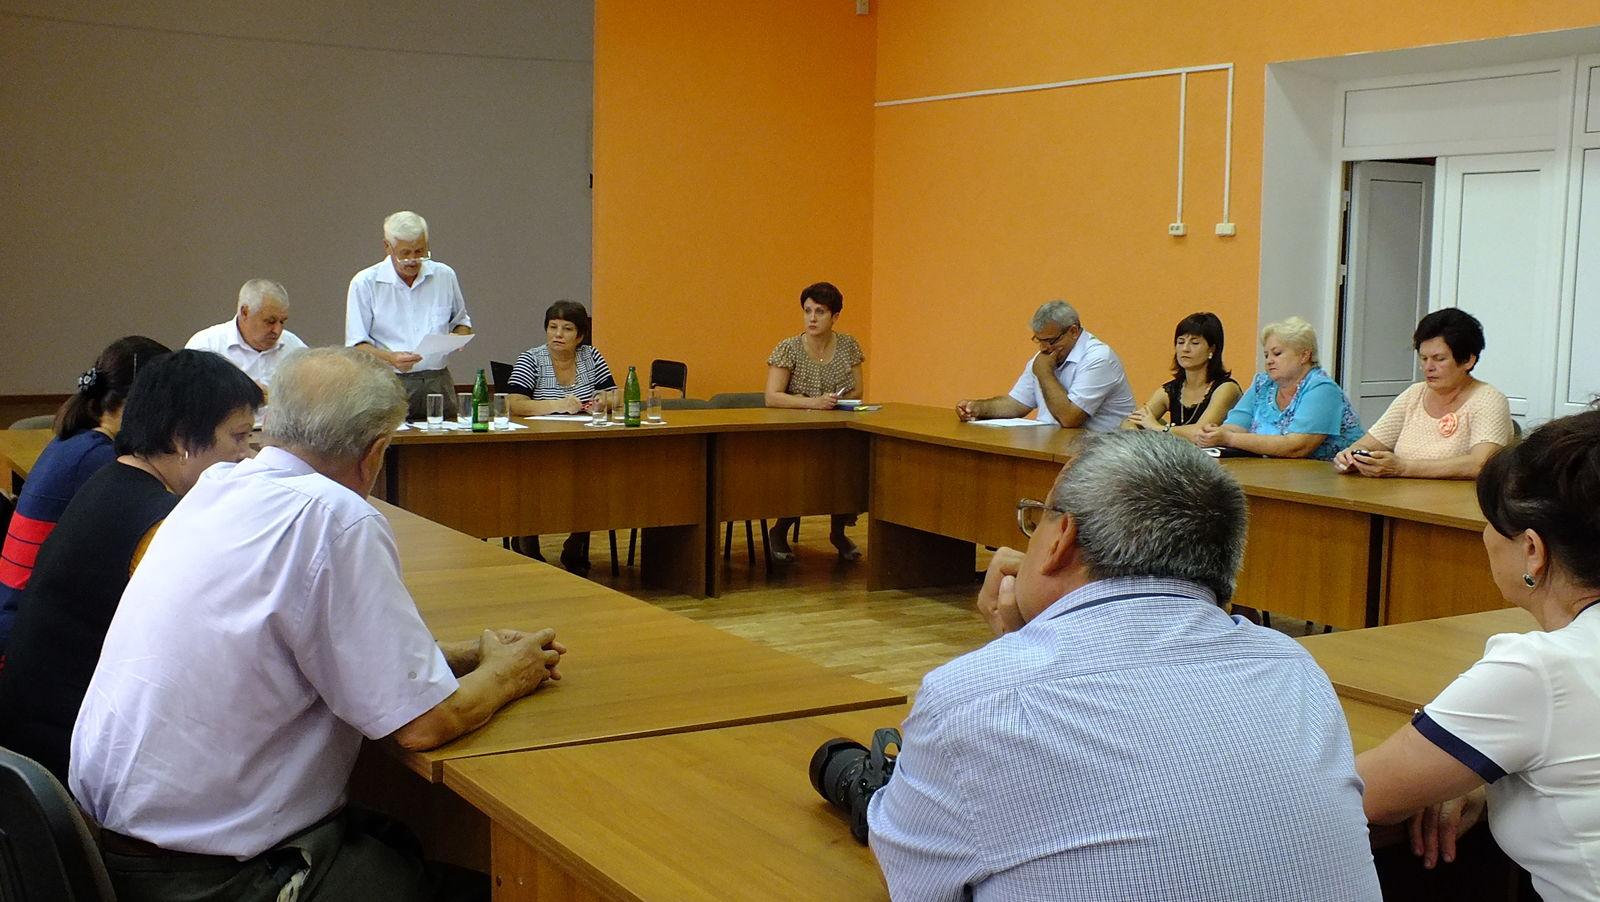 Общественный Совет Новоселицкого района: итоги уборки урожая подведены, экологии – повышенное внимание